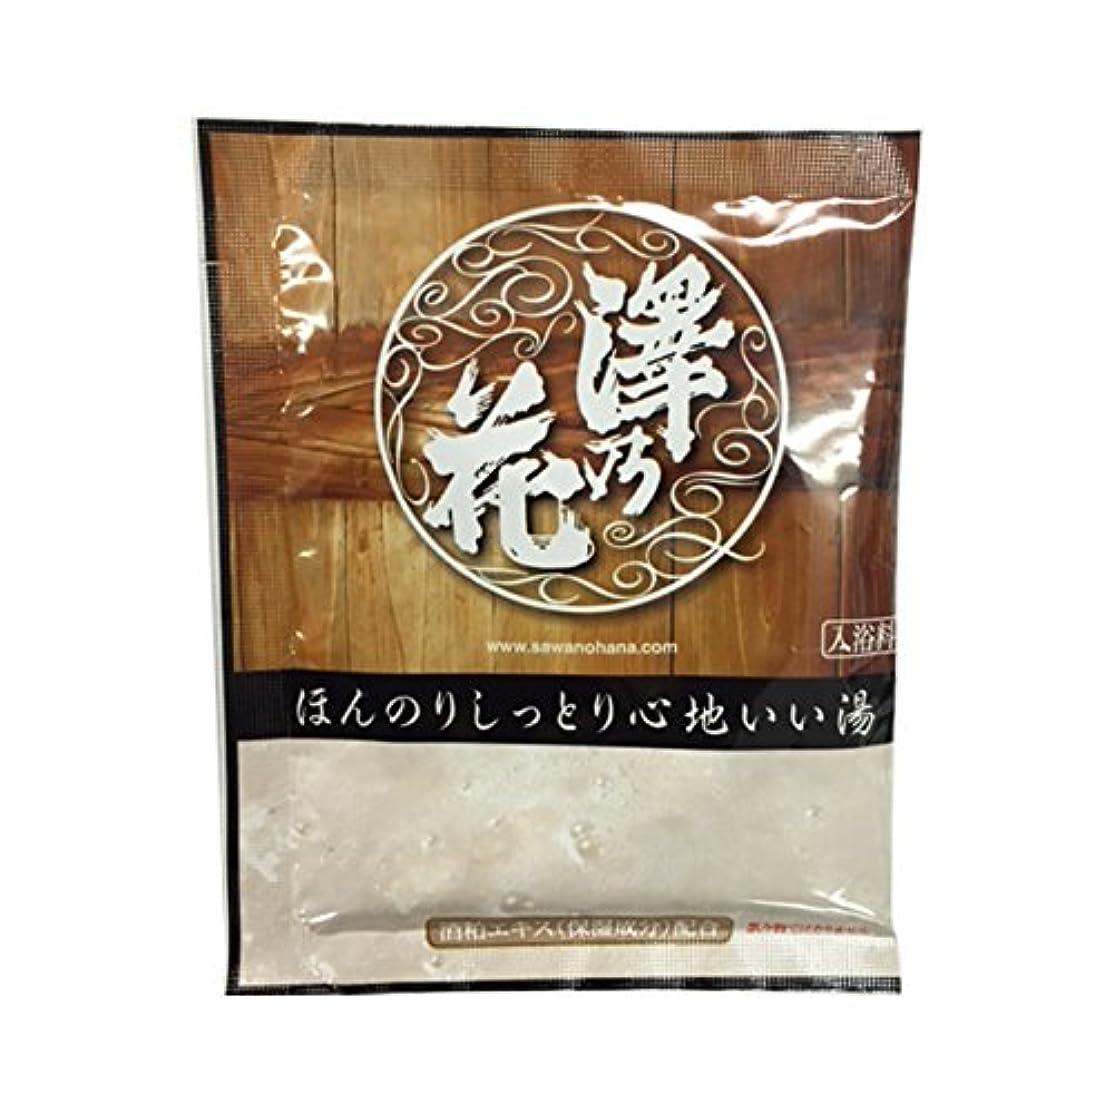 実行するはさみブランデー日本生化学 澤乃花 酒粕入浴料 25G